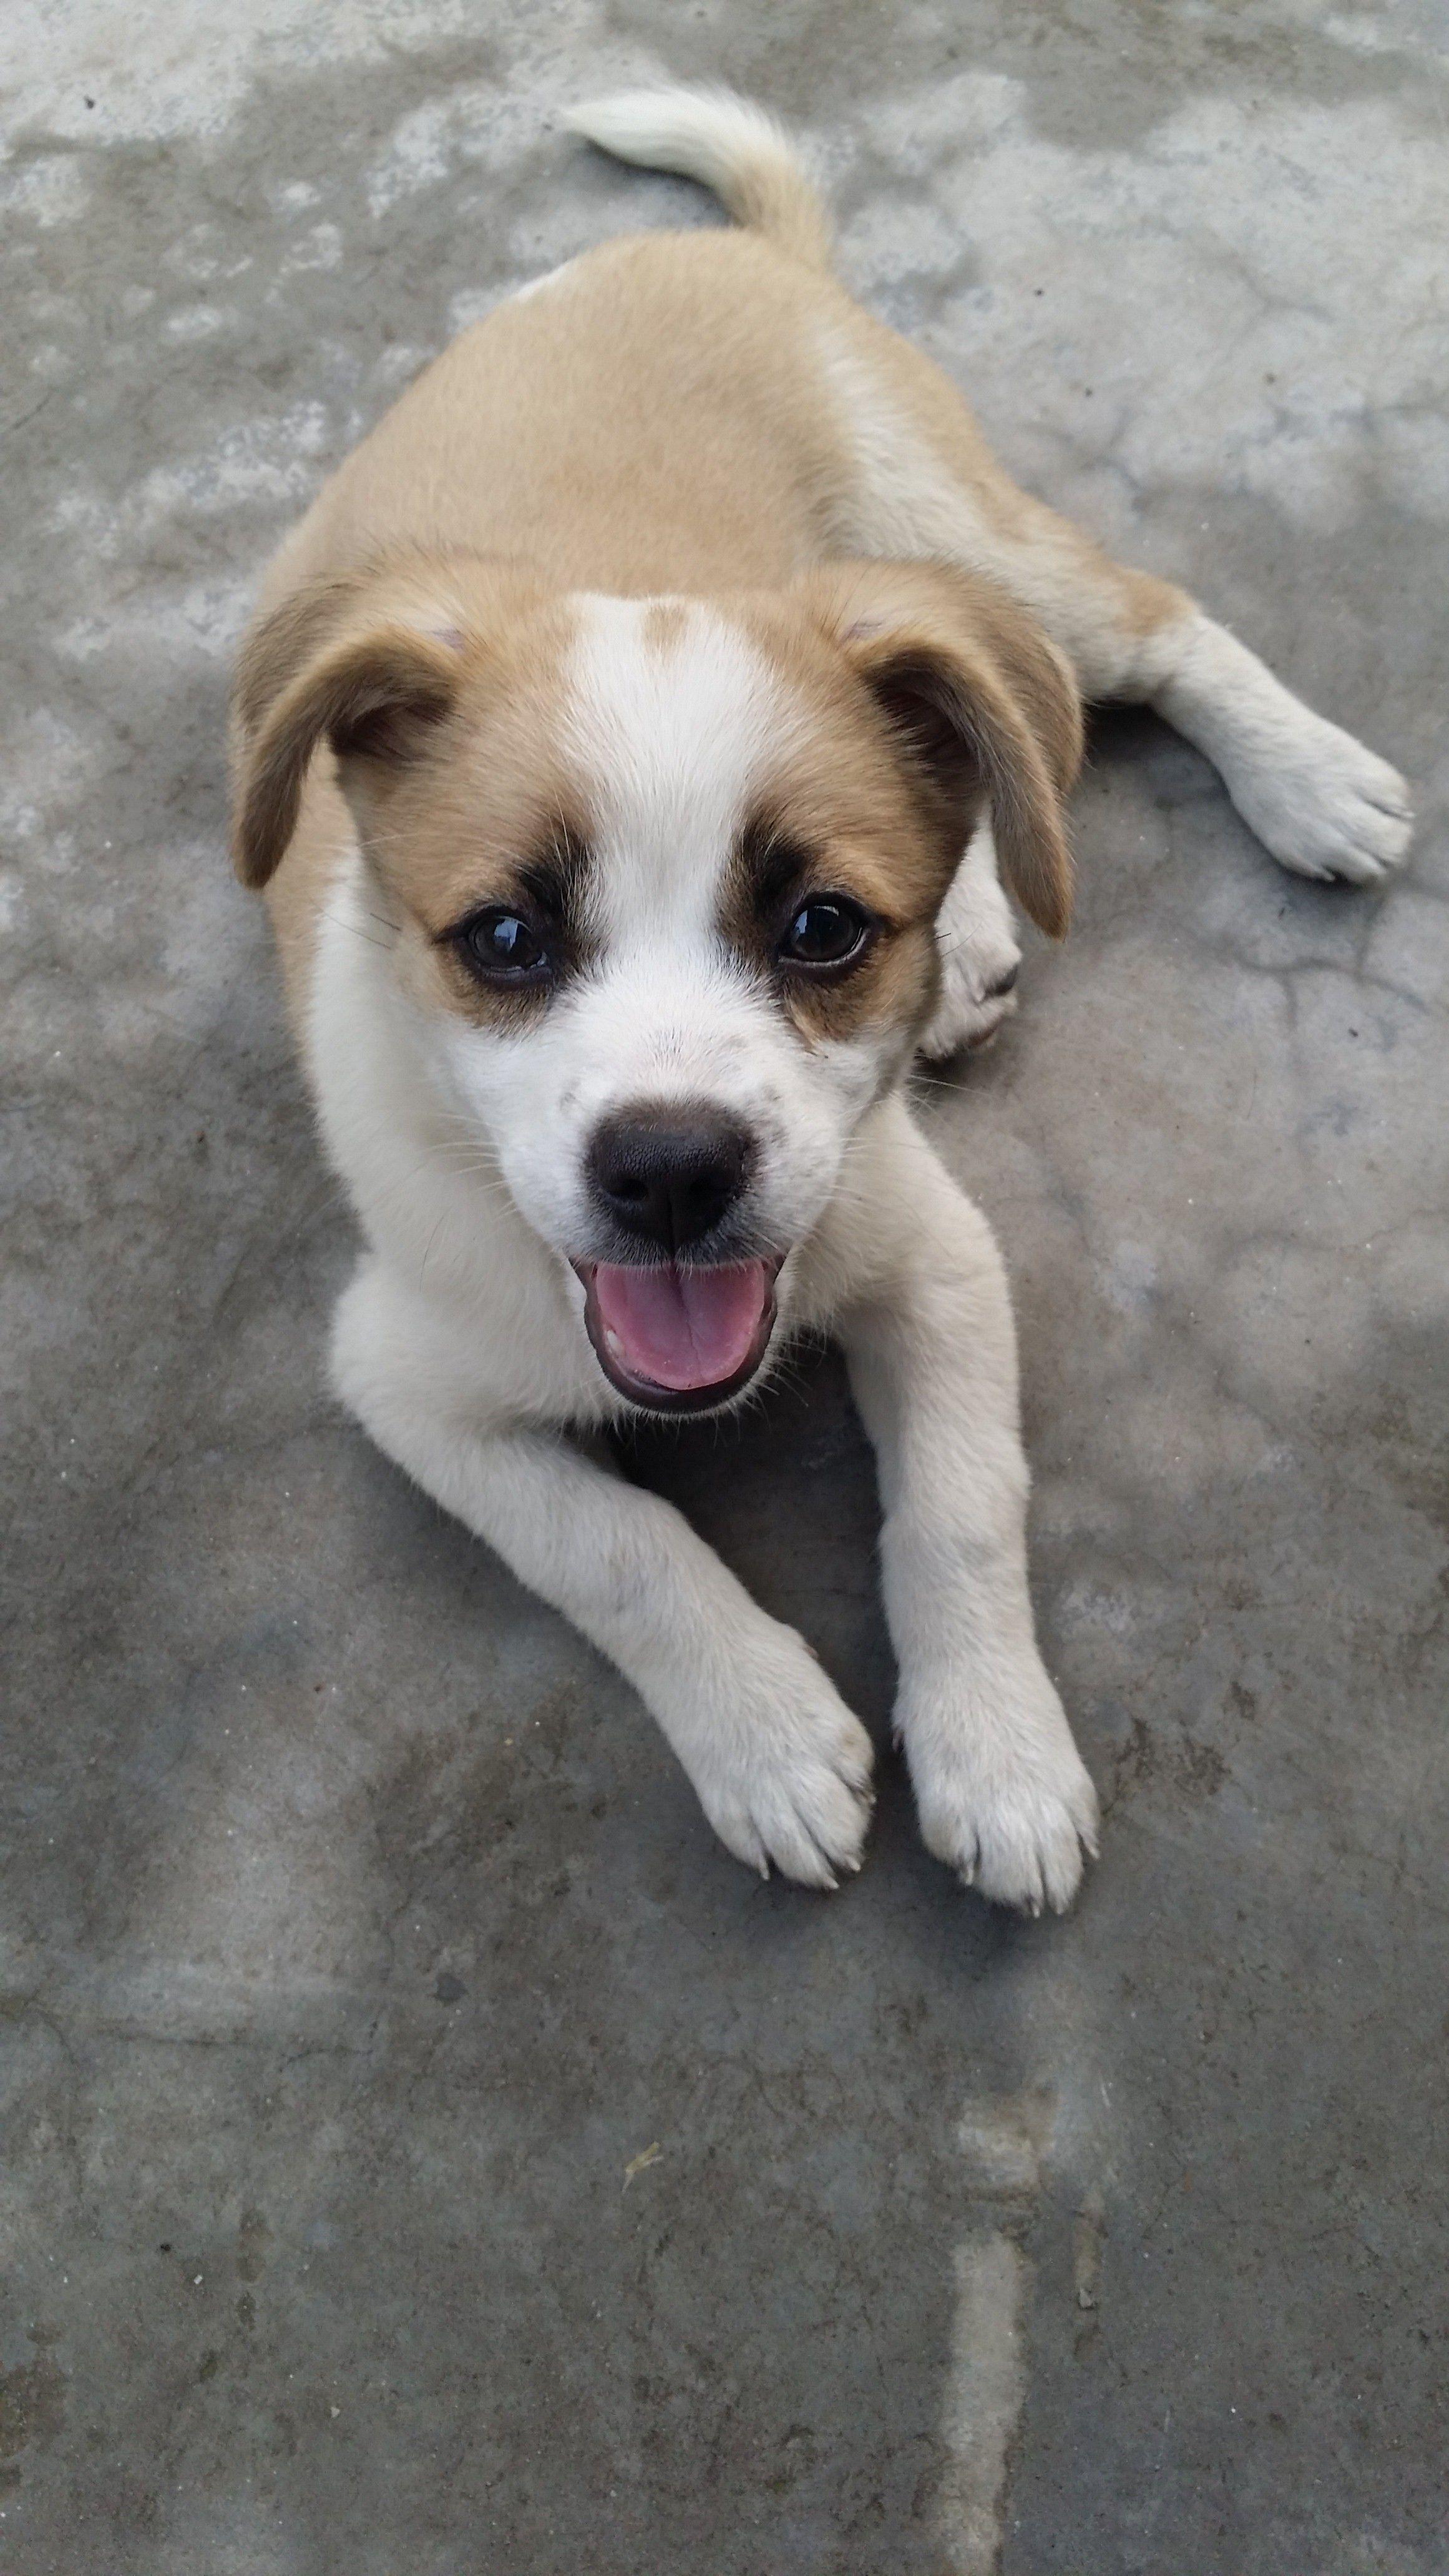 大耳朵的狗狗有哪些品种?短发做直图片